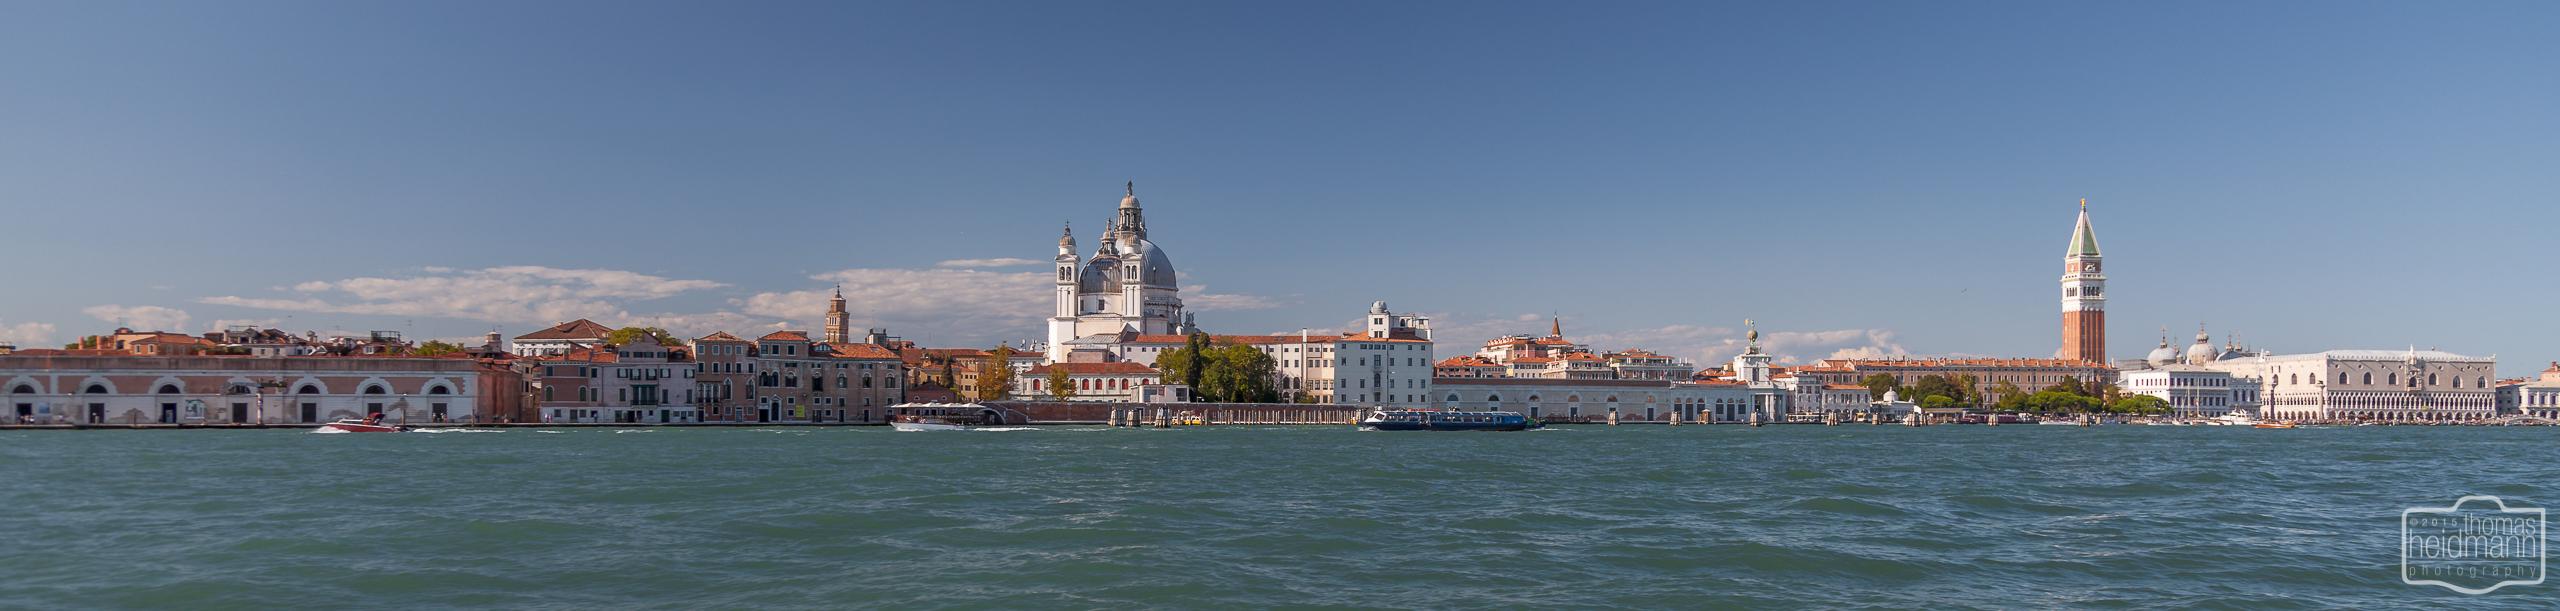 Venedig -Impressionen-